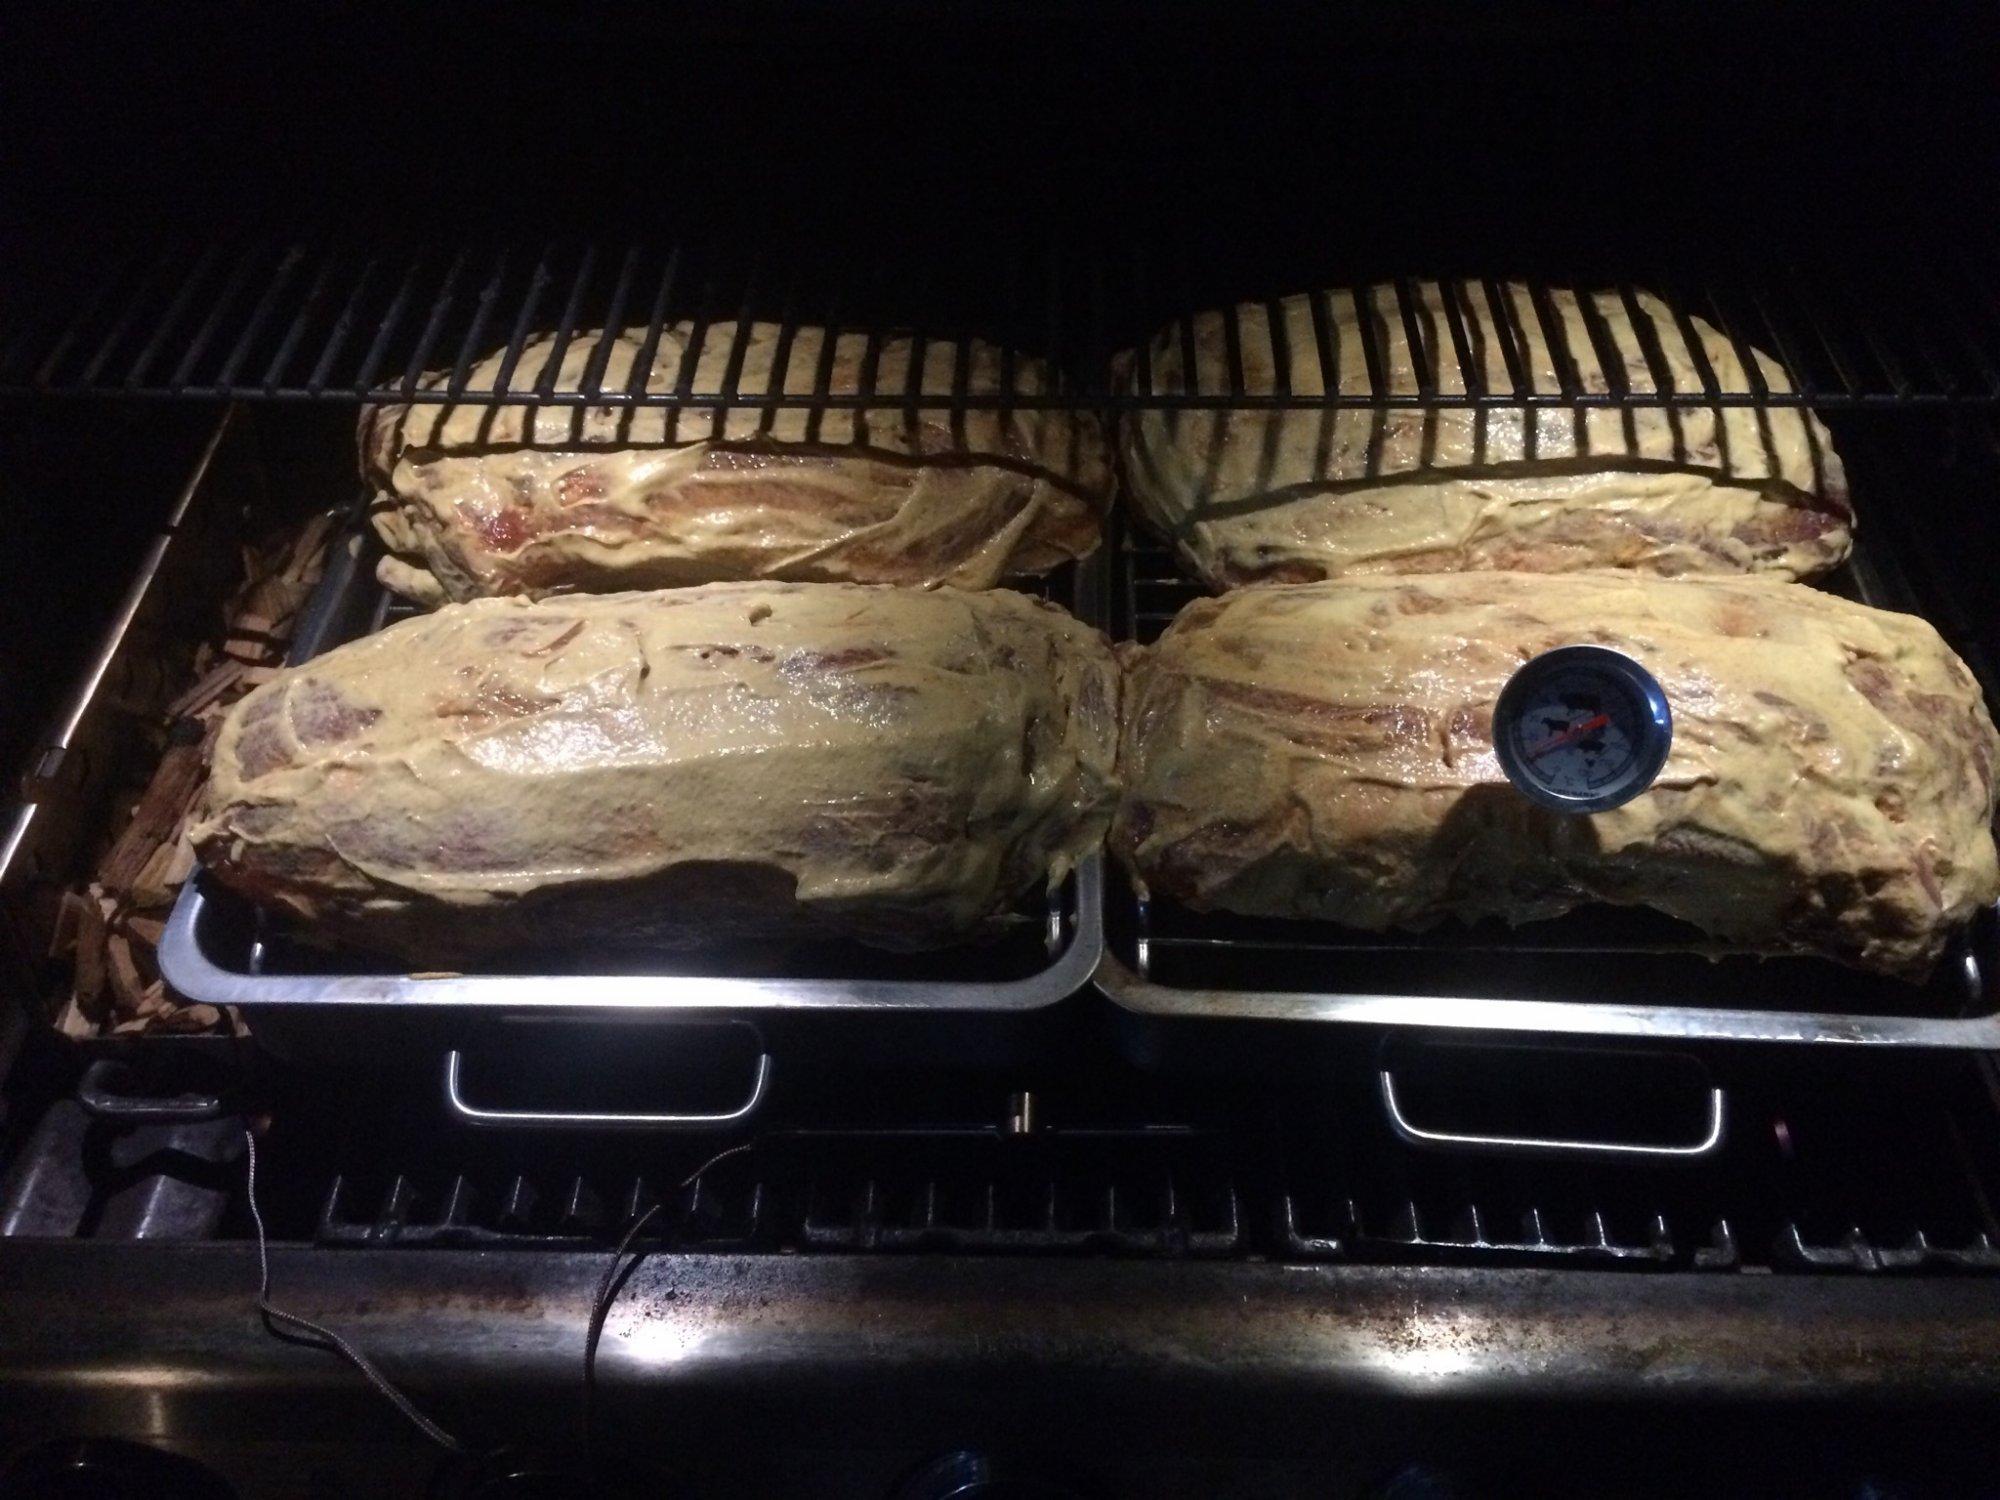 Pulled Pork Gasgrill Grillsportverein : Pulled pork im gasgrill ohne wasserschale grillforum und bbq www